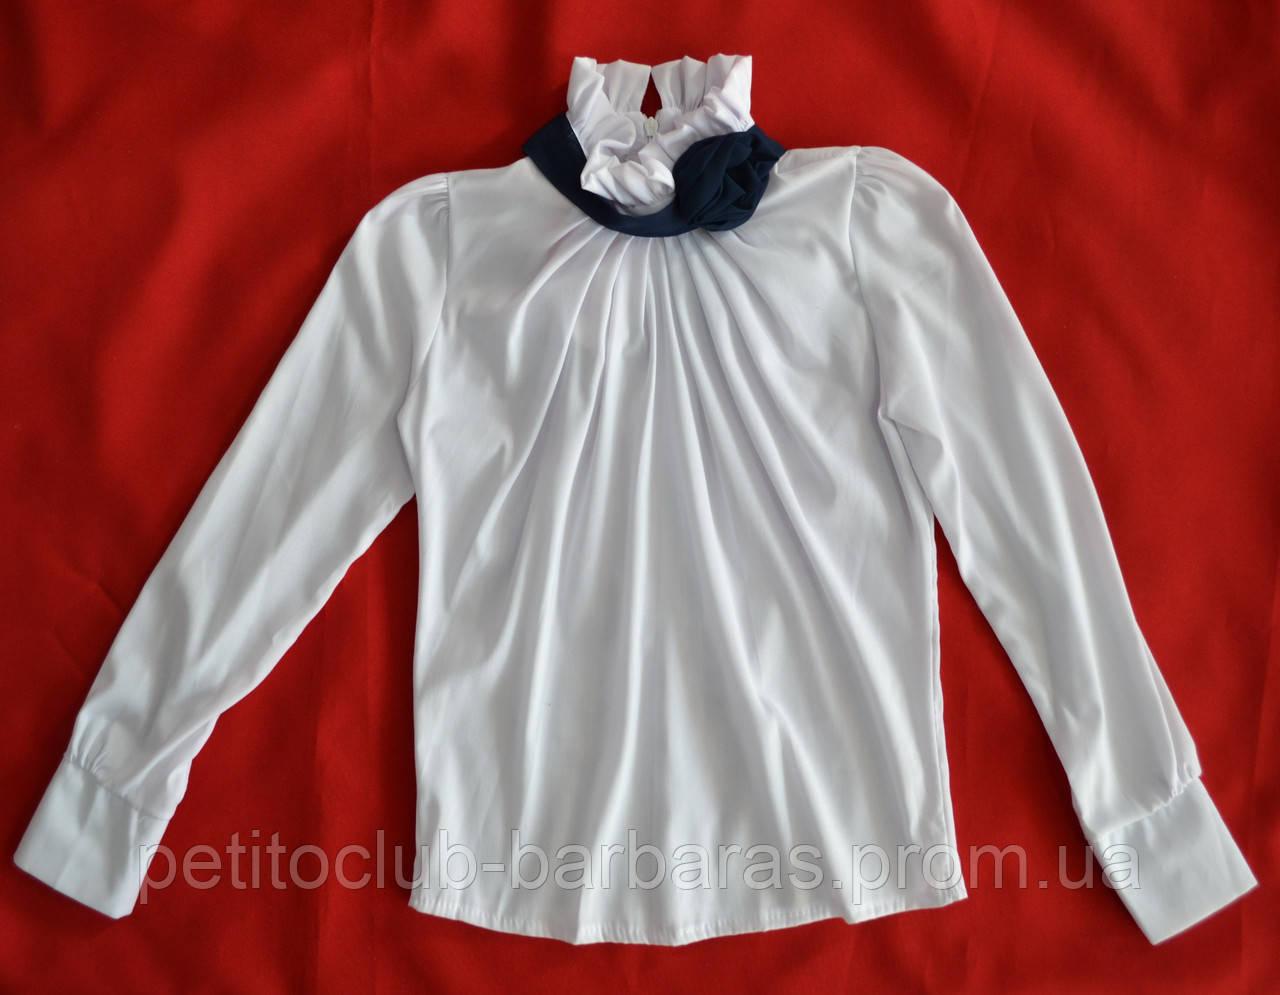 Блуза белая для девочки с темно-синей Розой р. 128, 146 см (Mariatex, Польша)